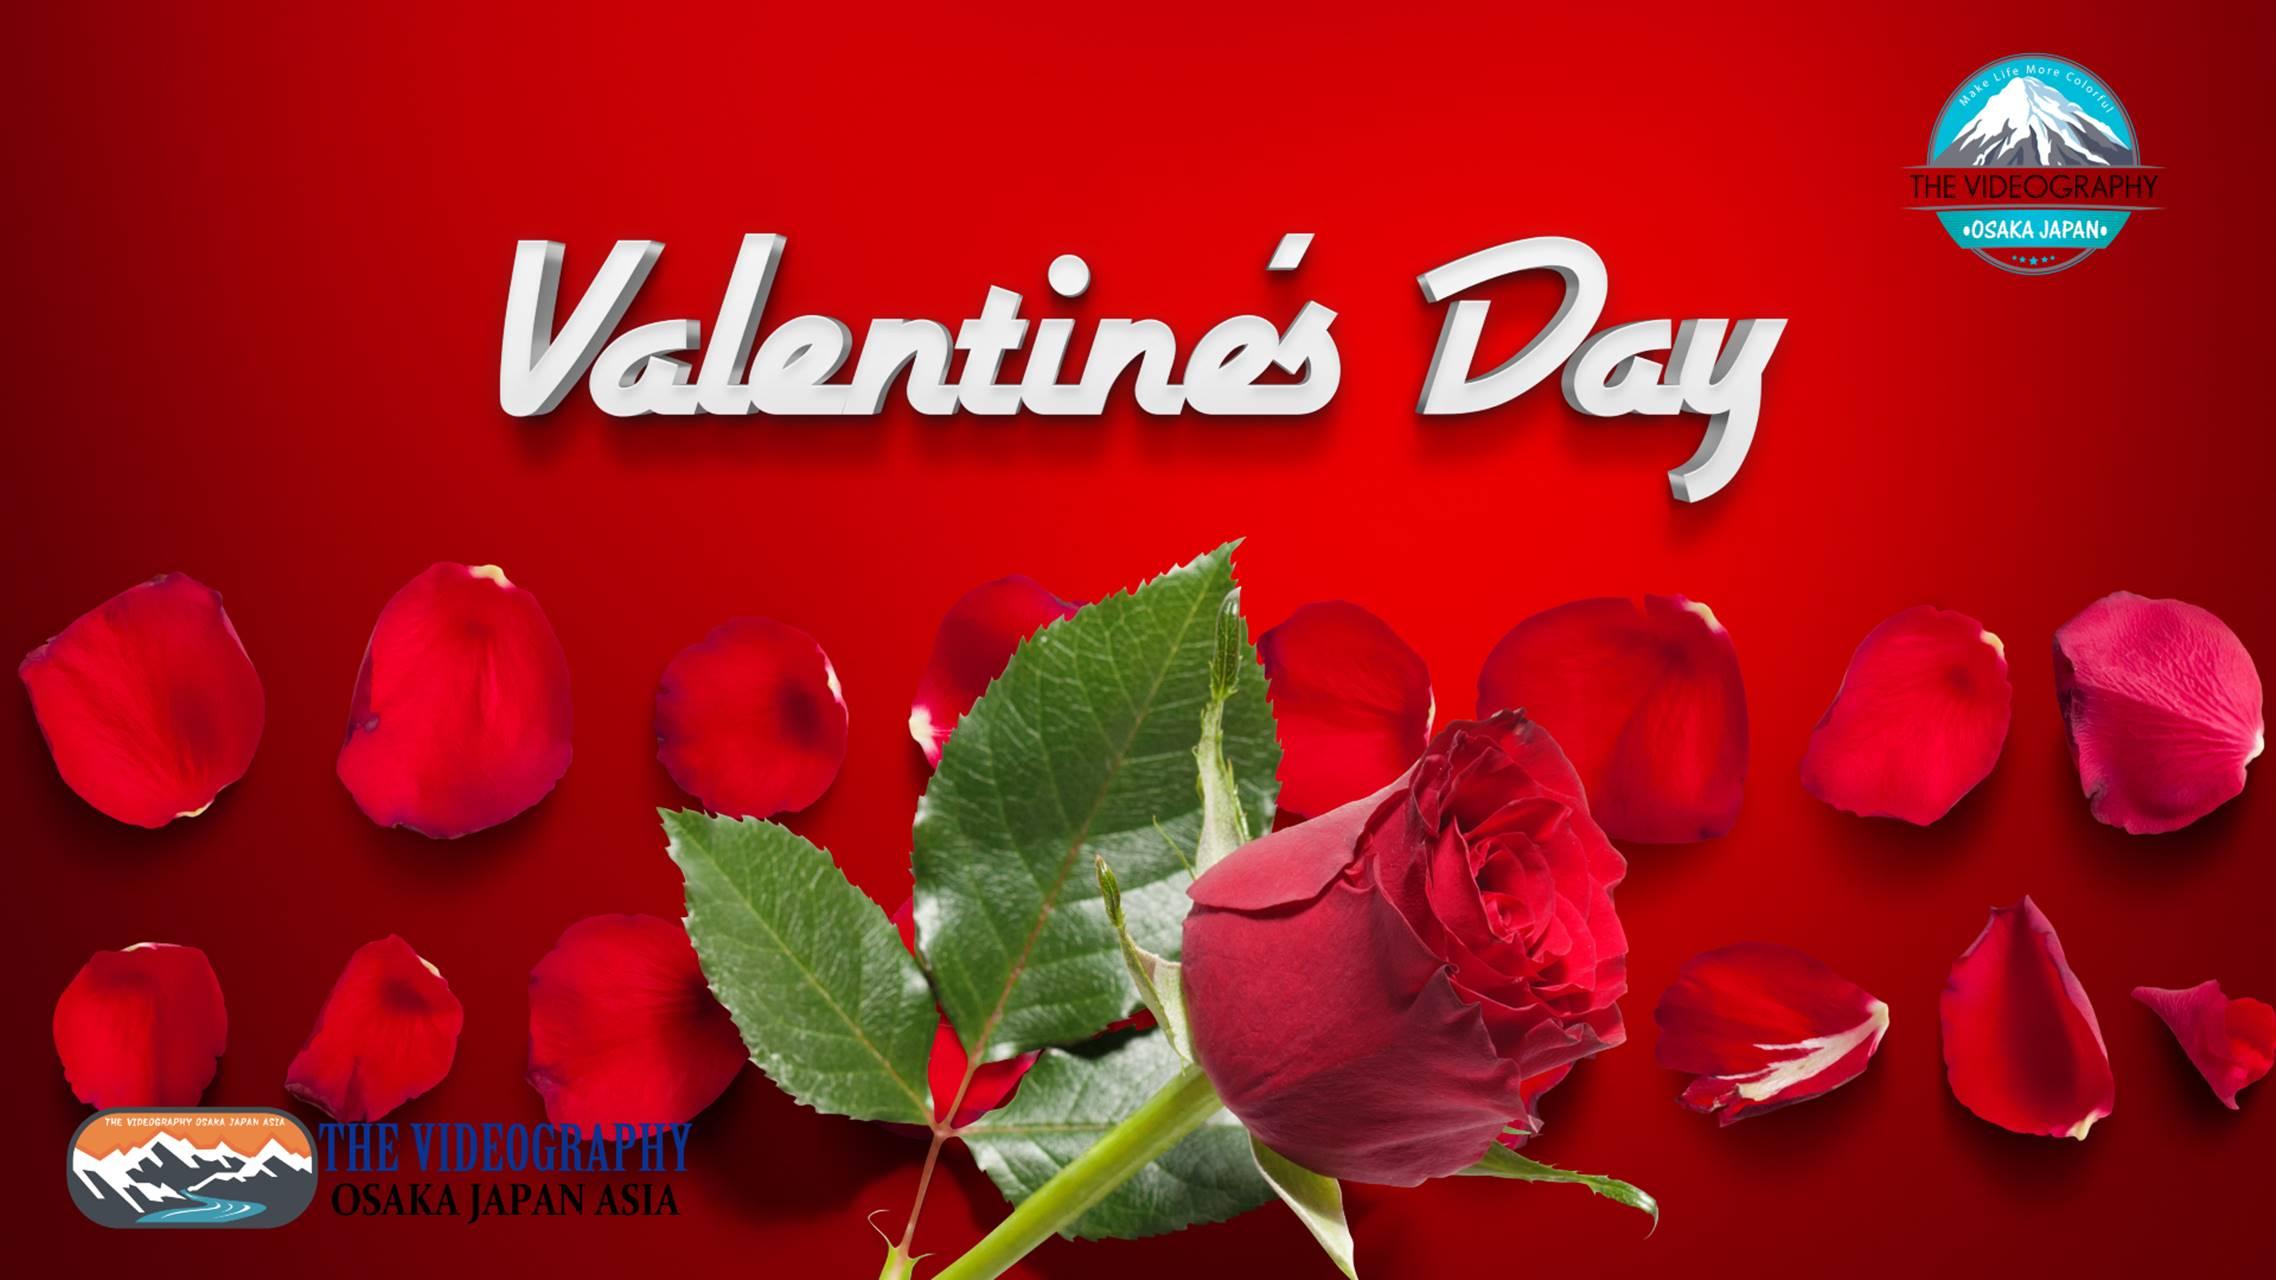 Happy Valentine's Day! ハッピー・バレンタイン・デーに最適なバラの花びら舞うおしゃれでポップな動画。人生の映像遺産 一瞬も 一生も 未来永劫 美しさが永続する 最高品質の動画です。結婚式やパーティ バレンタイン プロポーズに花を添えるラグジュアリームービー